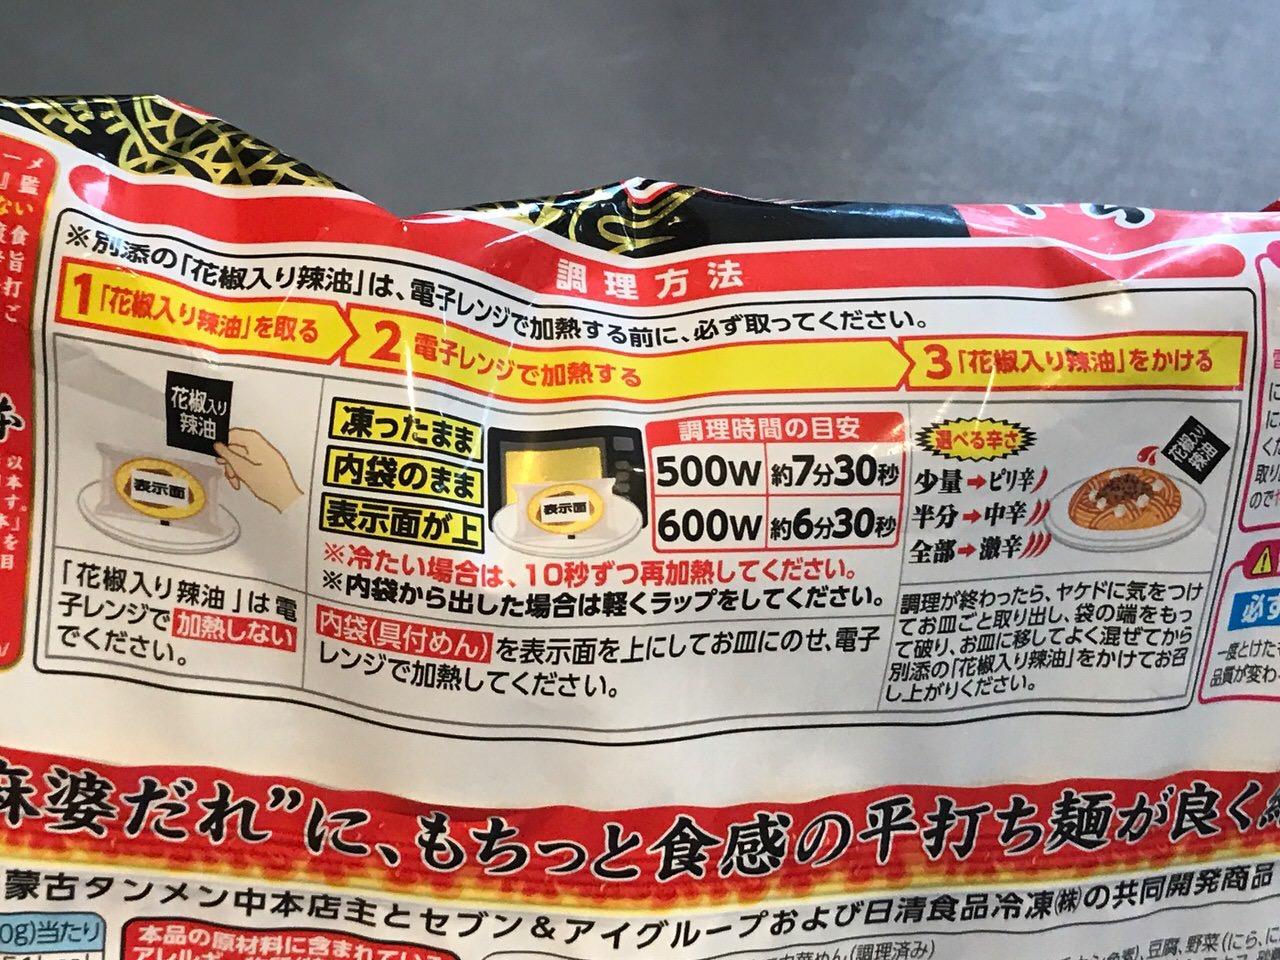 蒙古タンメン中本 汁なし麻辣麺 07